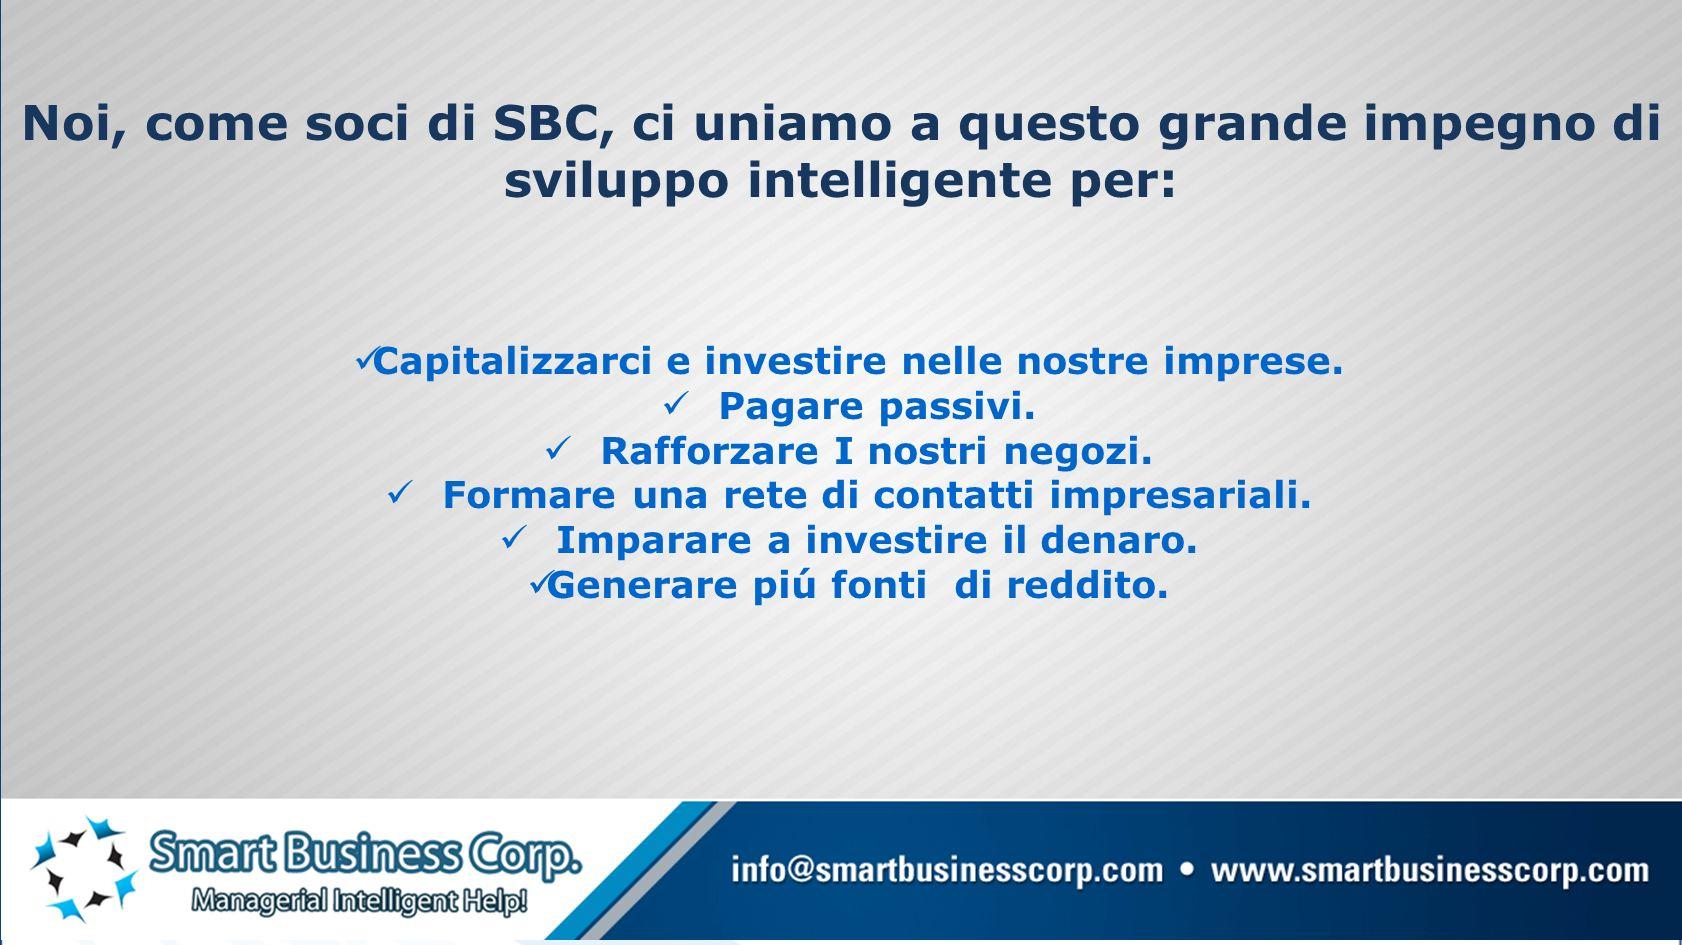 Noi, come soci di SBC, ci uniamo a questo grande impegno di sviluppo intelligente per: Capitalizzarci e investire nelle nostre imprese.